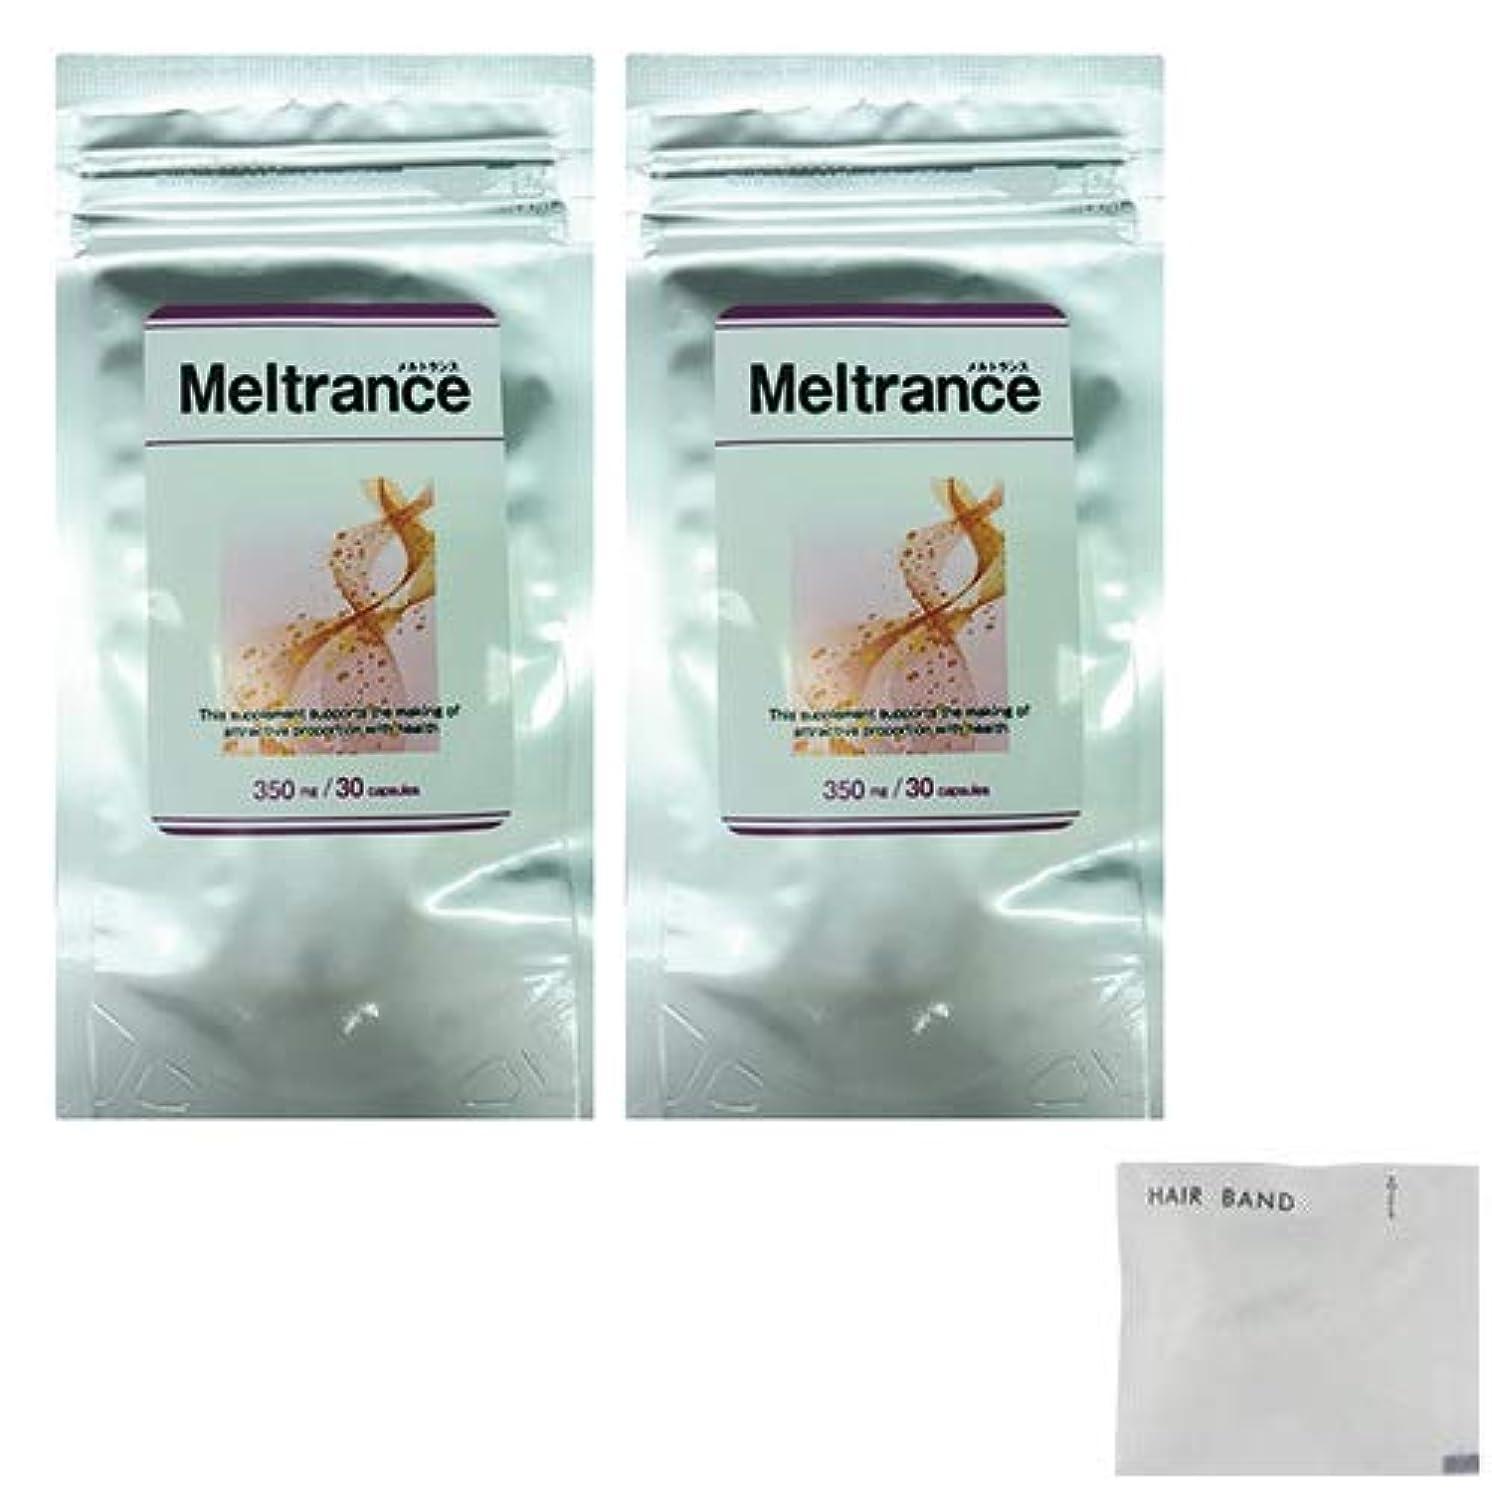 報酬カフェテリア夫婦メルトランス(Meltrance) サプリメント 30粒×2個 + ヘアゴム(カラーはおまかせ)セット